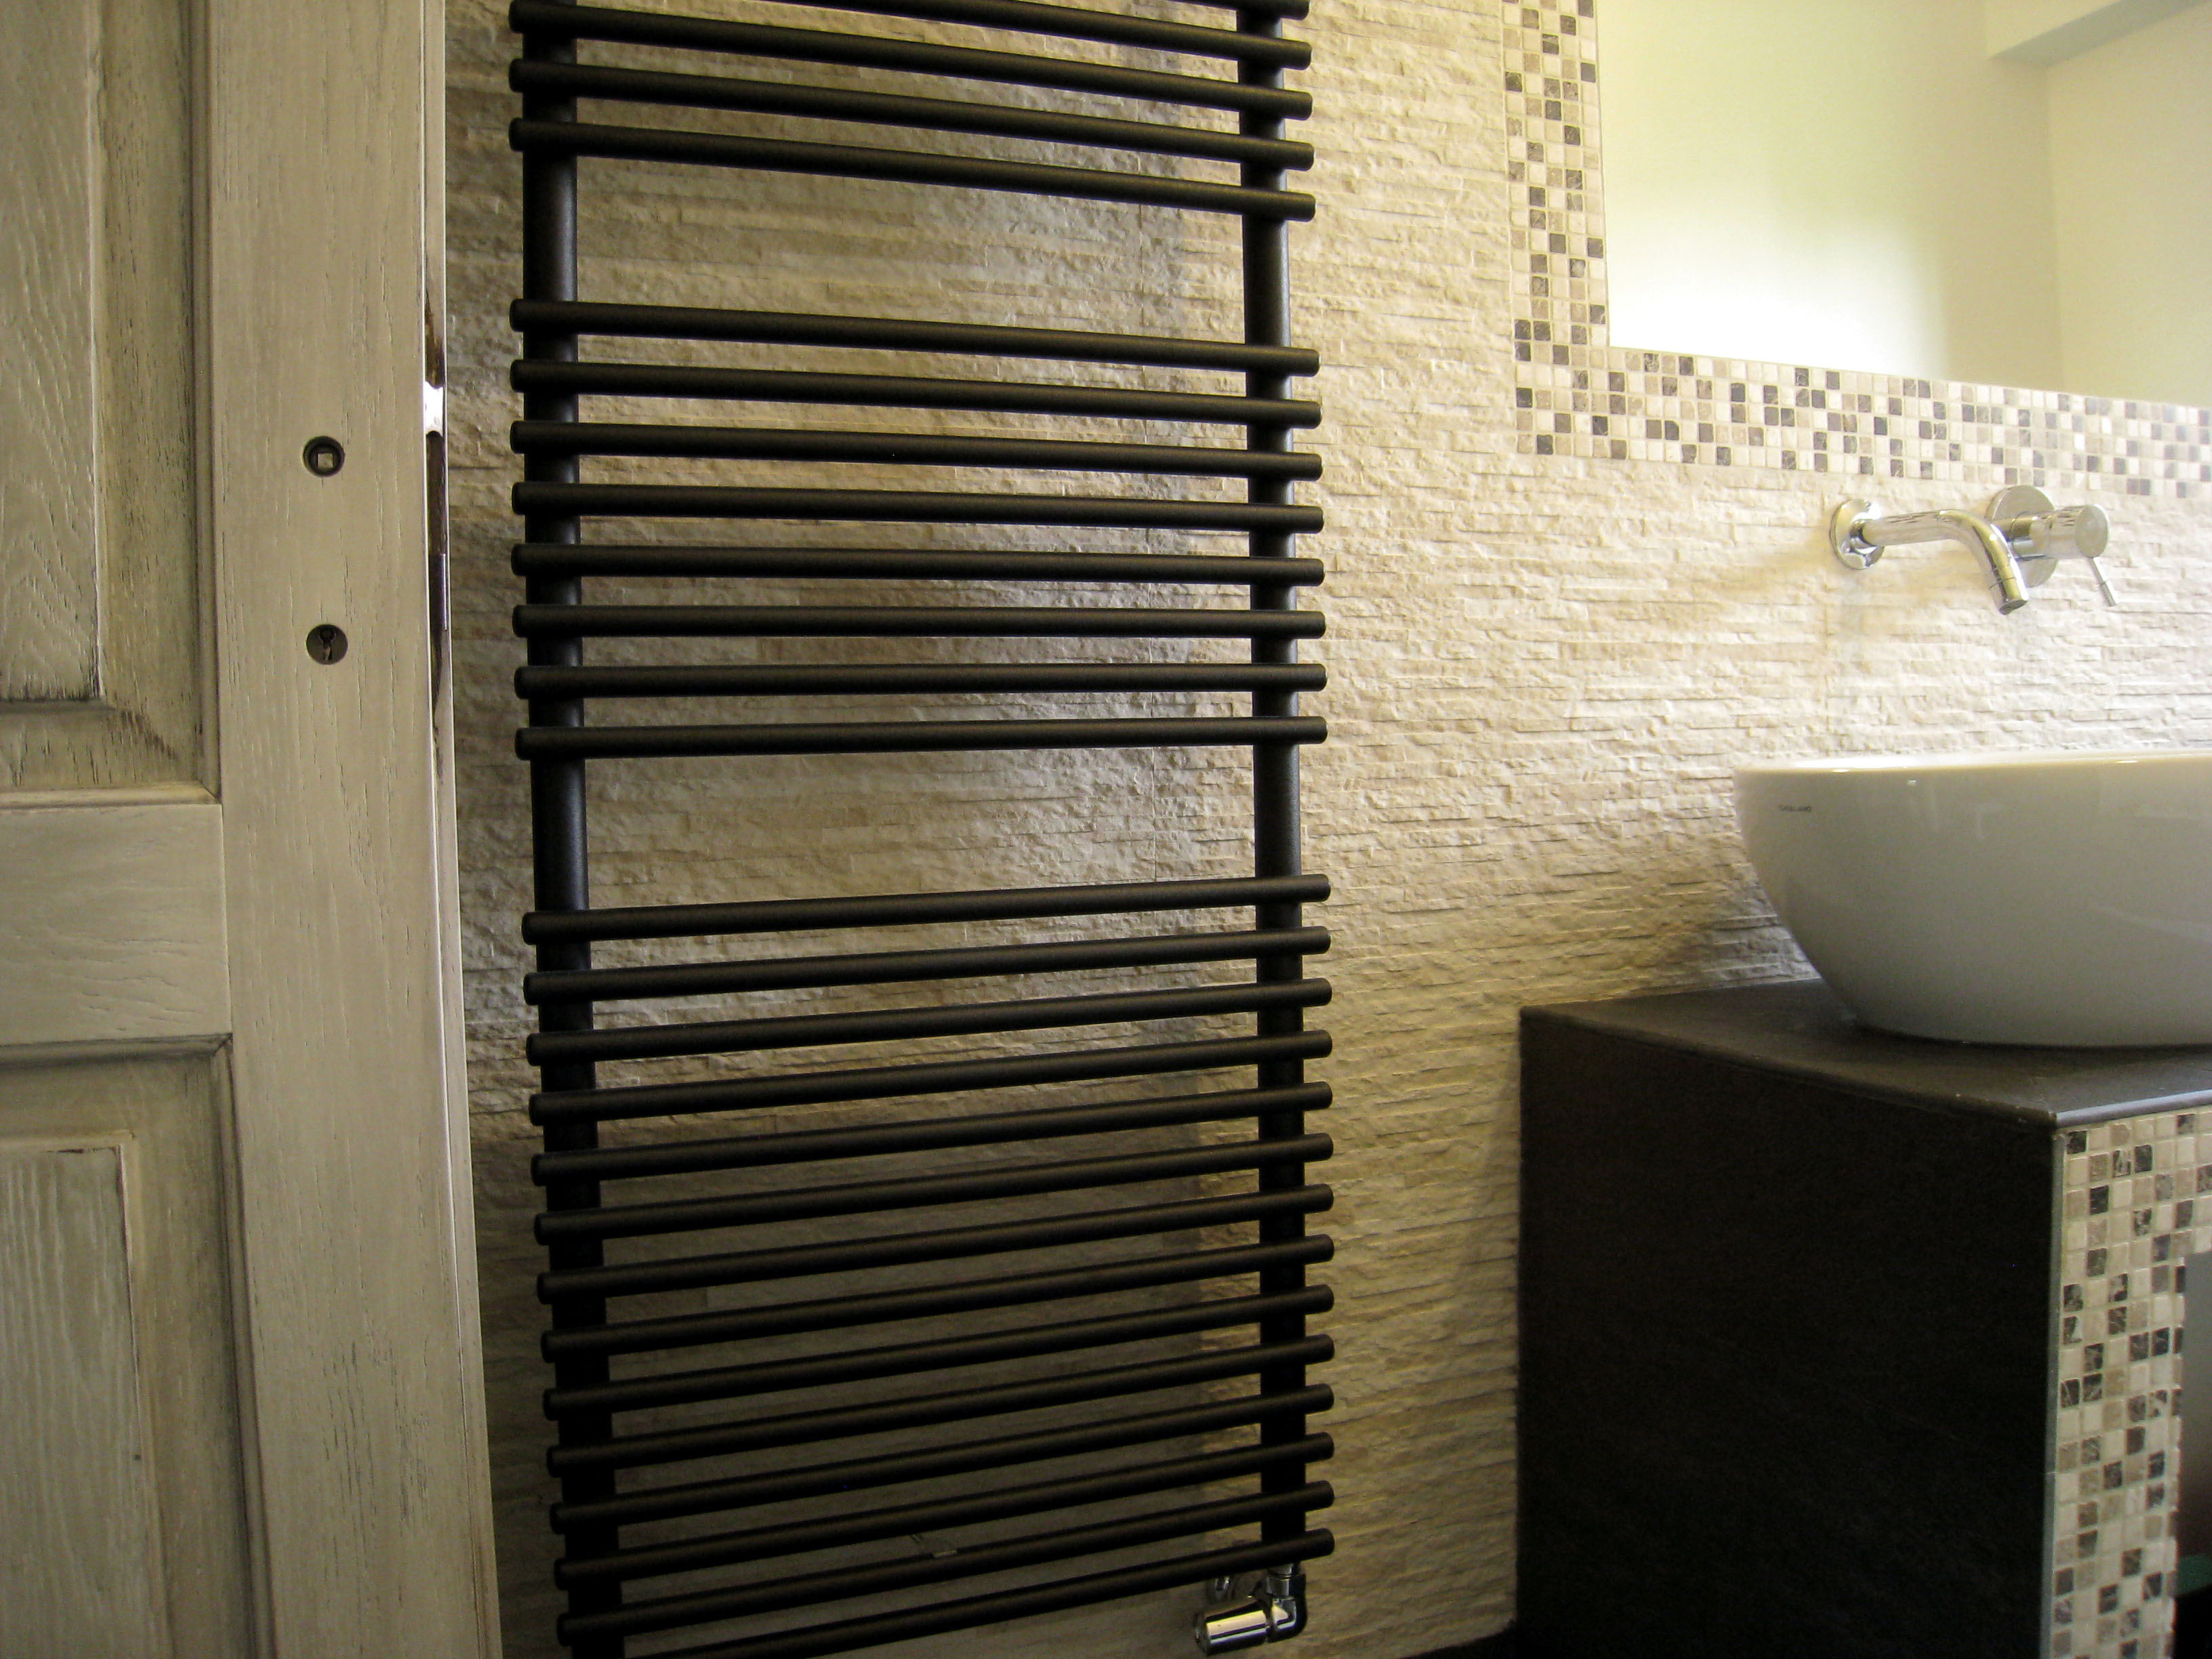 Idee per rifare il bagno progetti di interni - Rifare il bagno idee ...